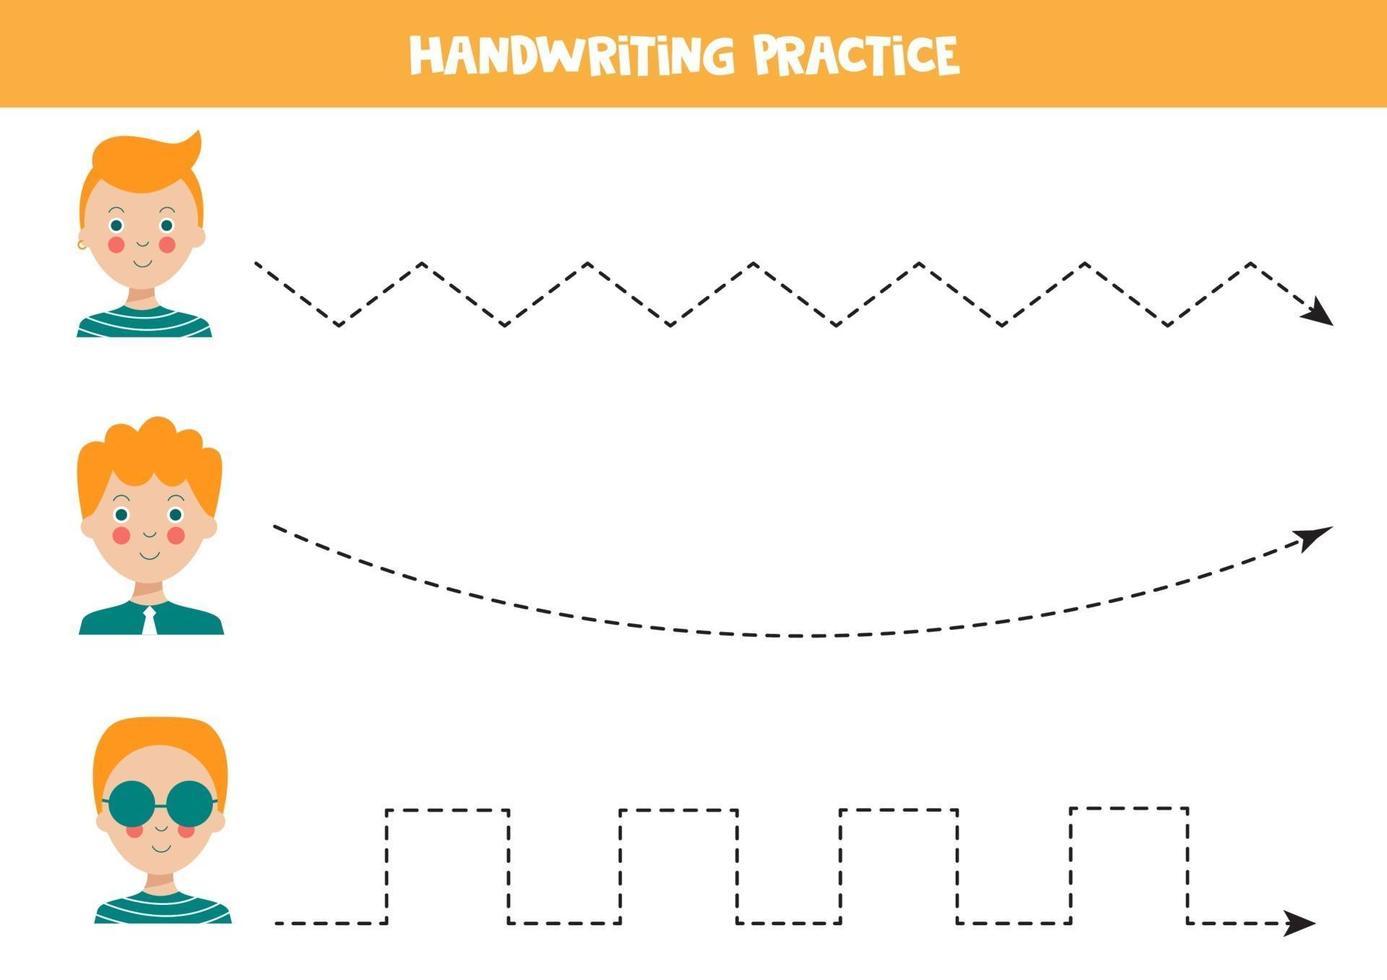 traceer de lijnen met schattige jongens. schrijfvaardigheid oefenen. vector